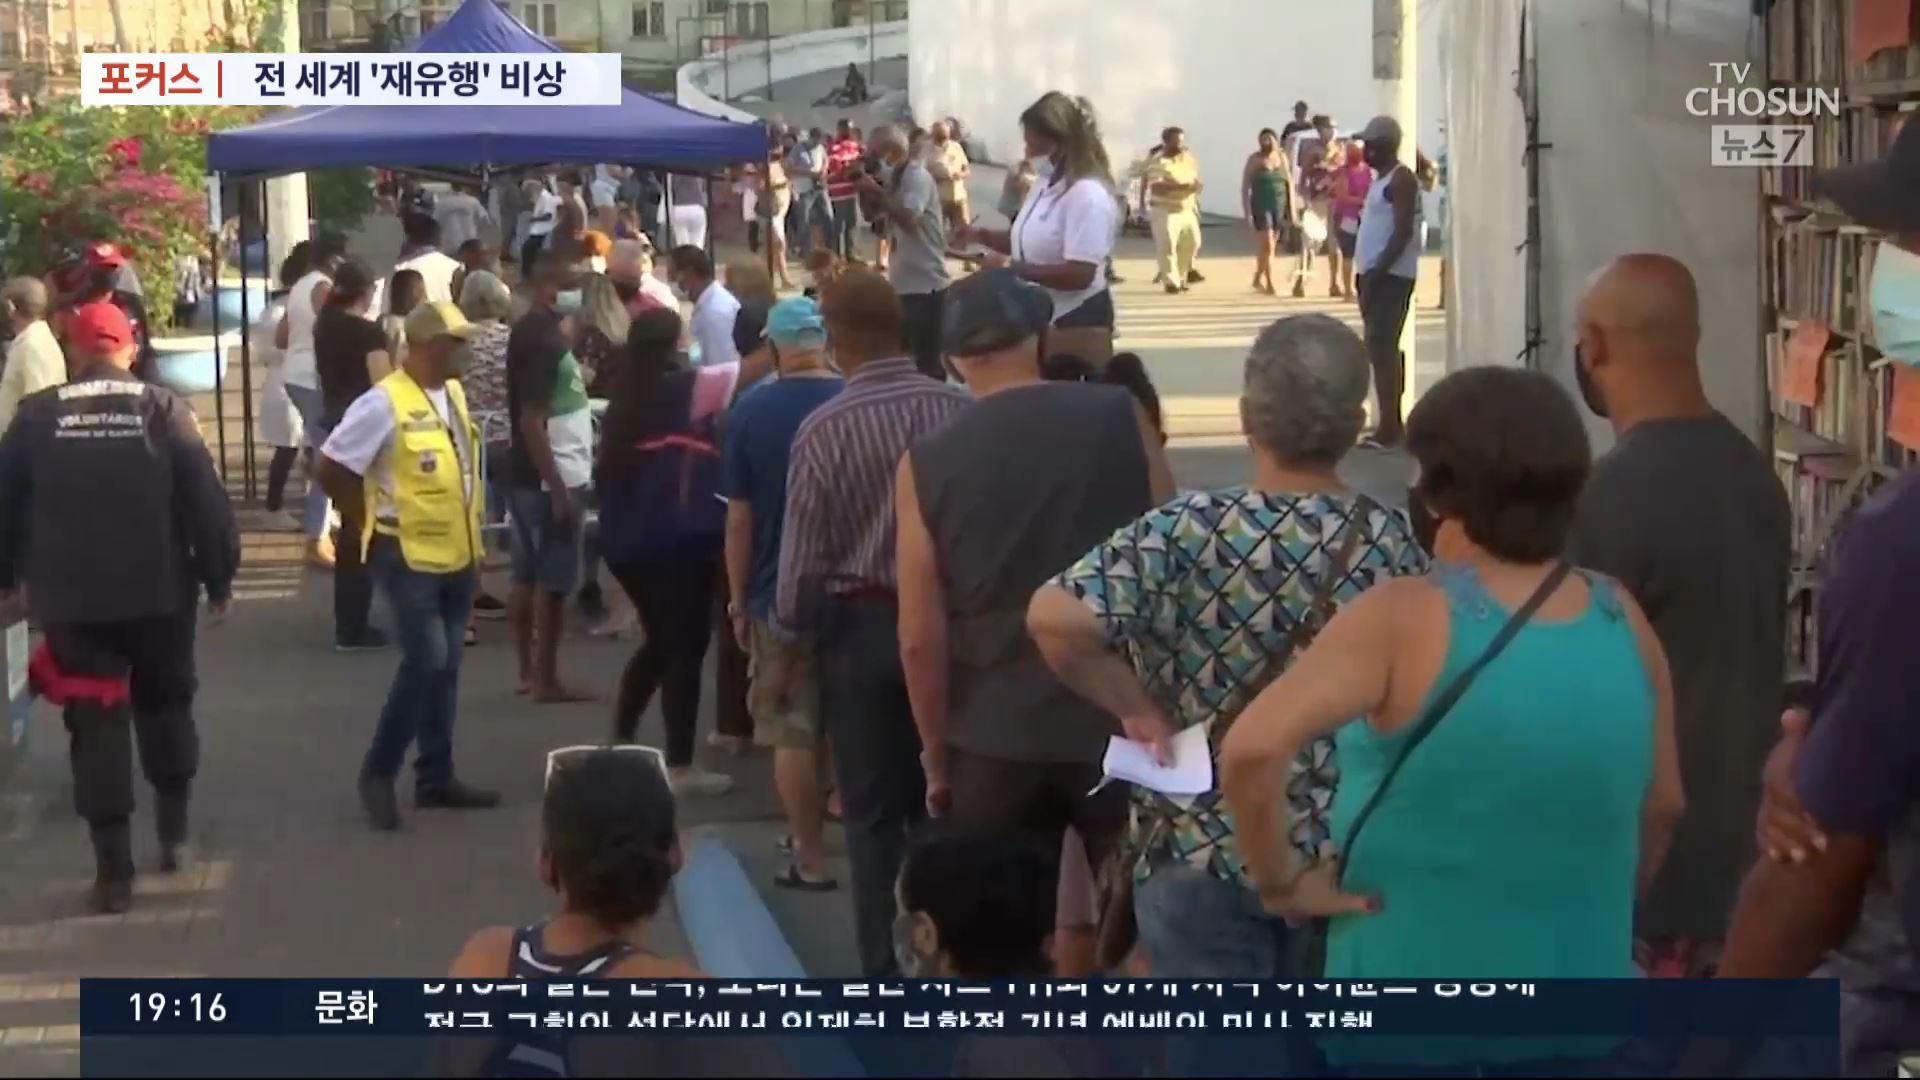 [포커스] 바닥난 병상·국경 봉쇄…전세계 '코로나 재유행' 비상